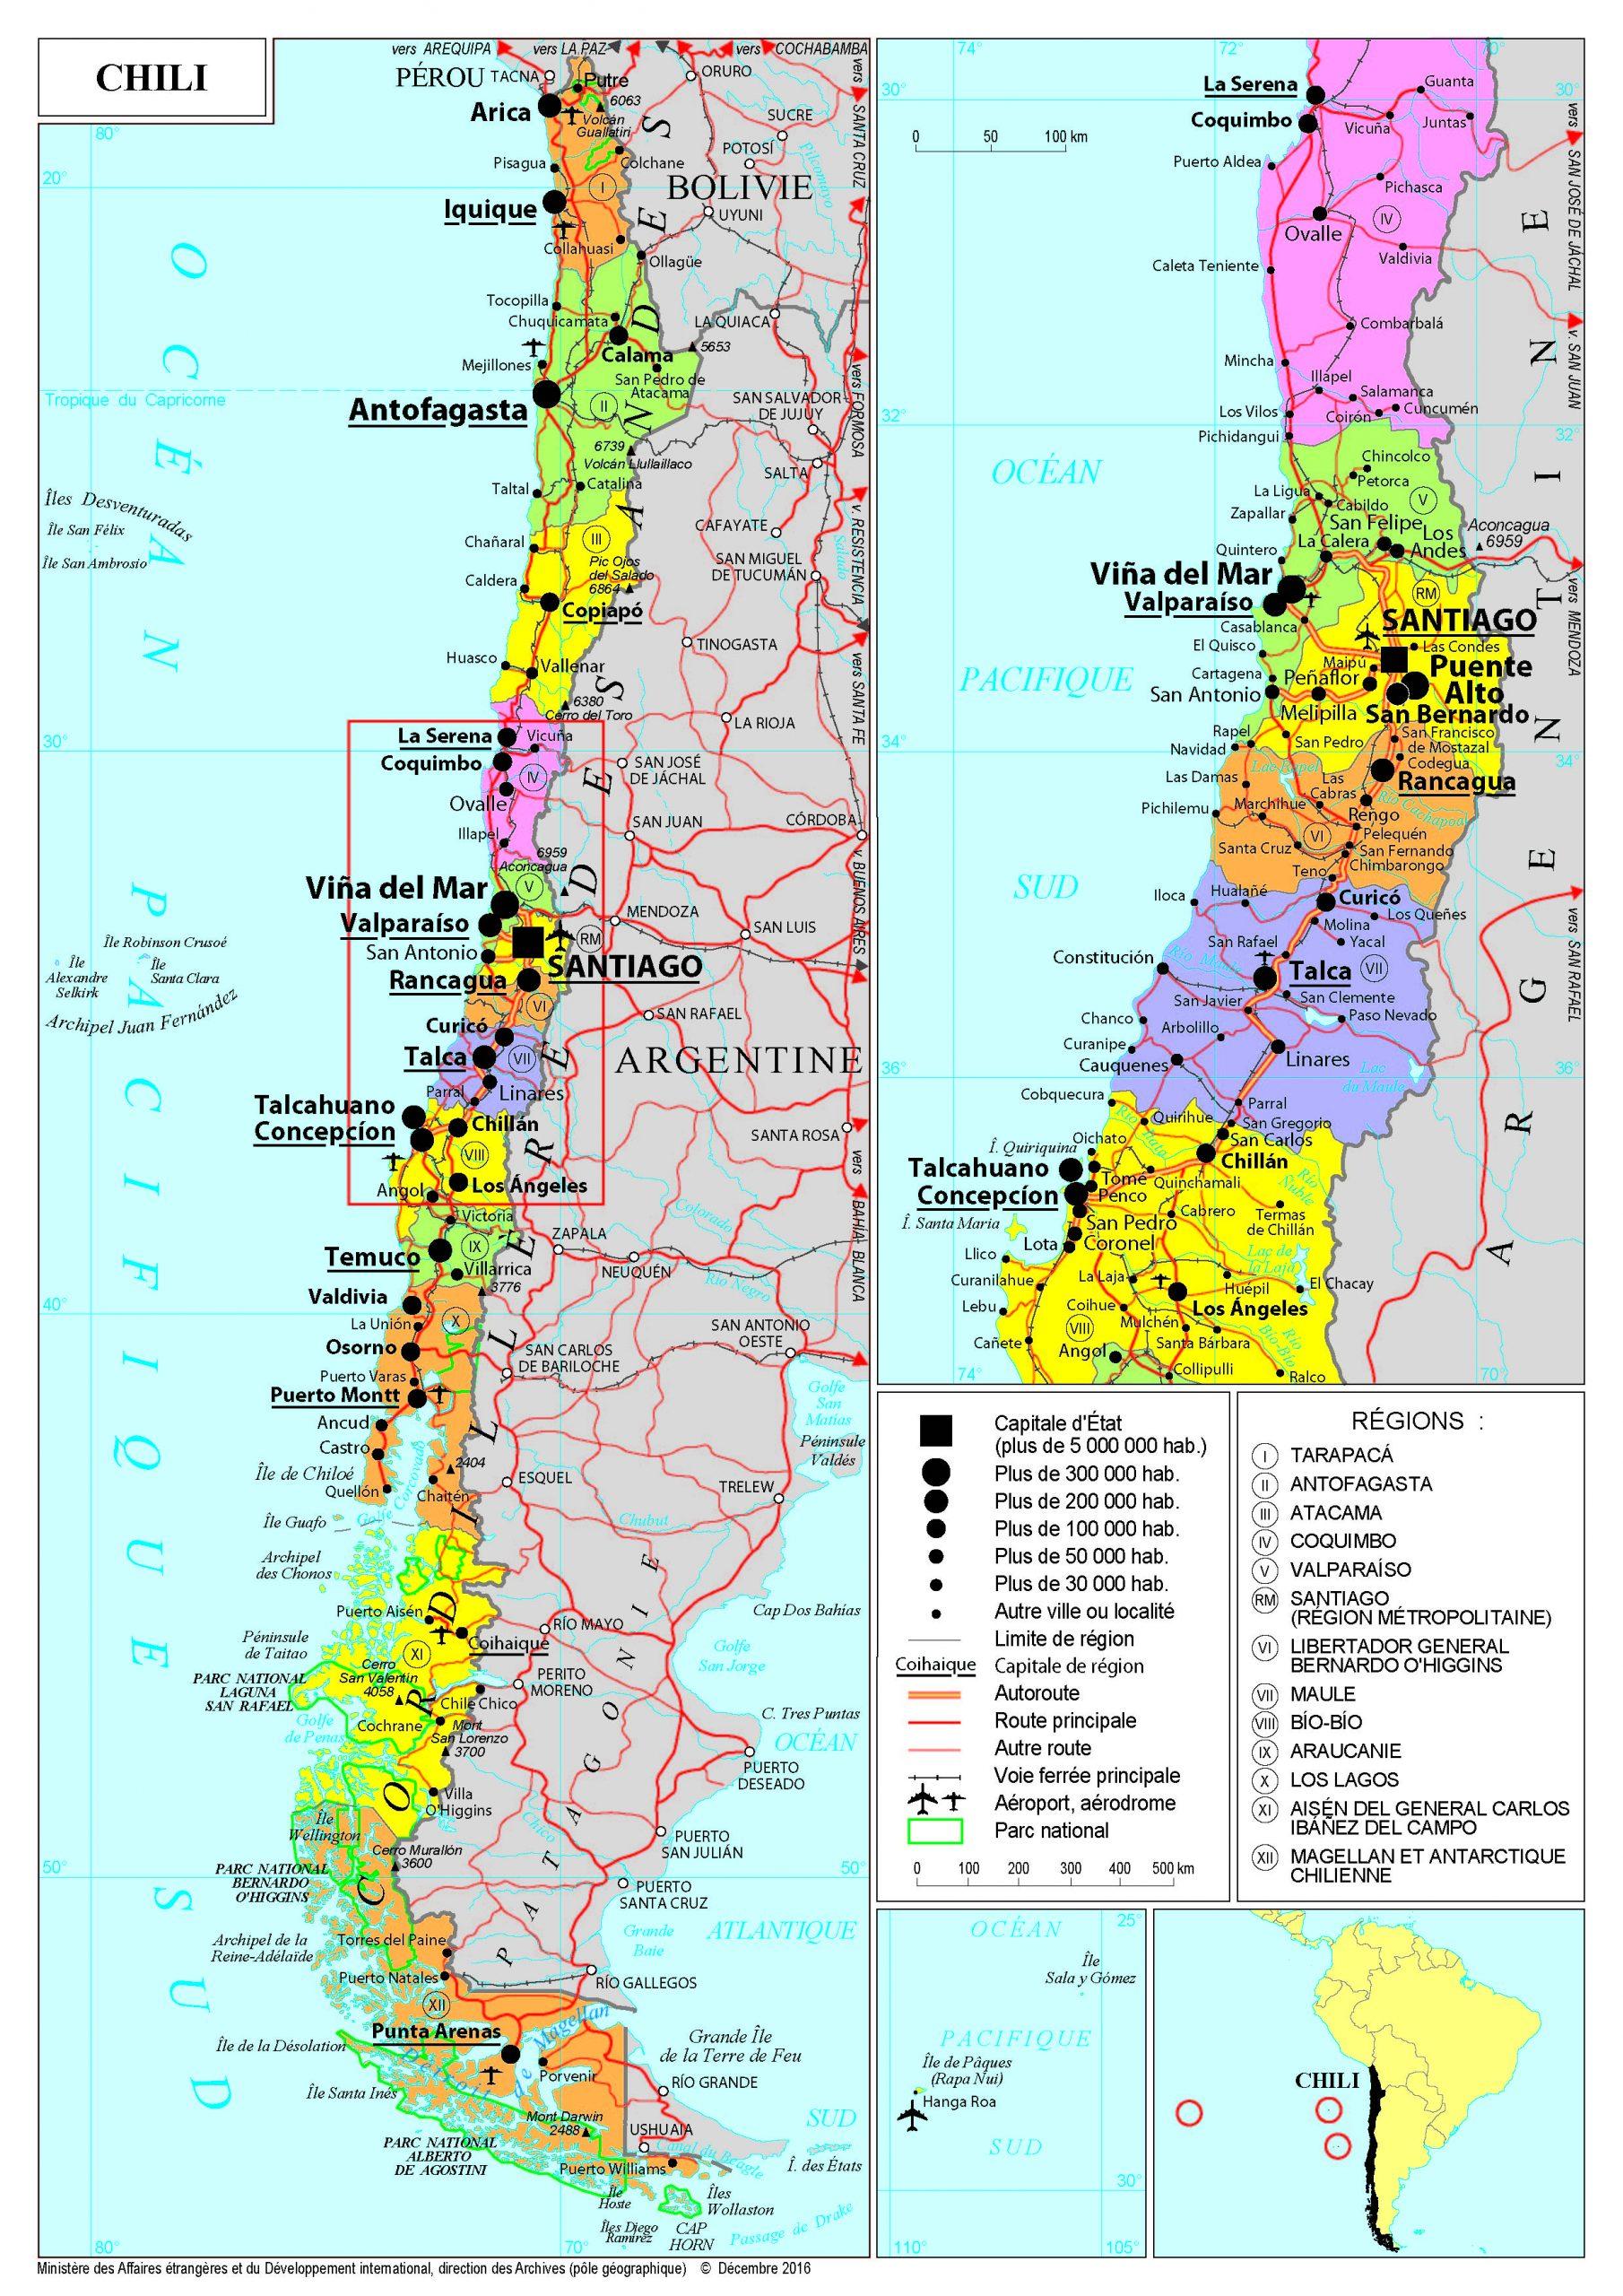 Présentation Du Chili - Ministère De L'europe Et Des concernant Combien De Region En France